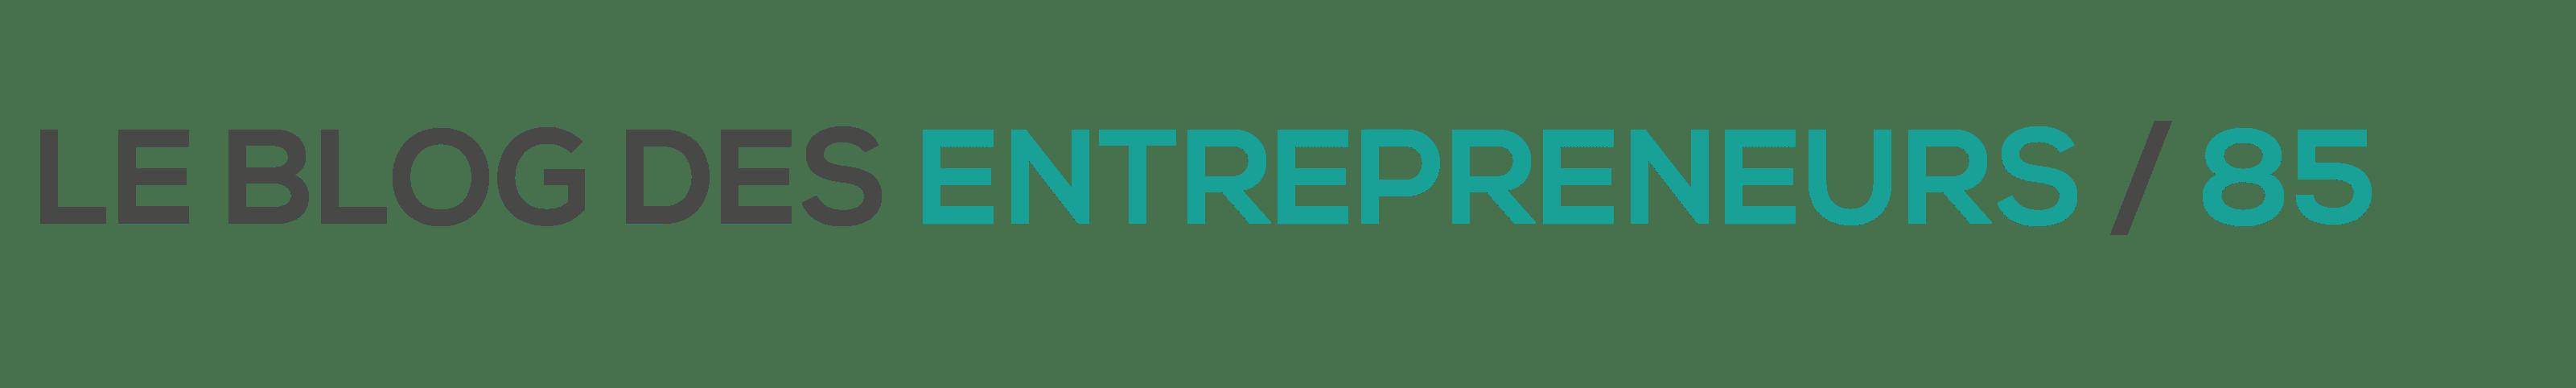 Entrepreneurs 85